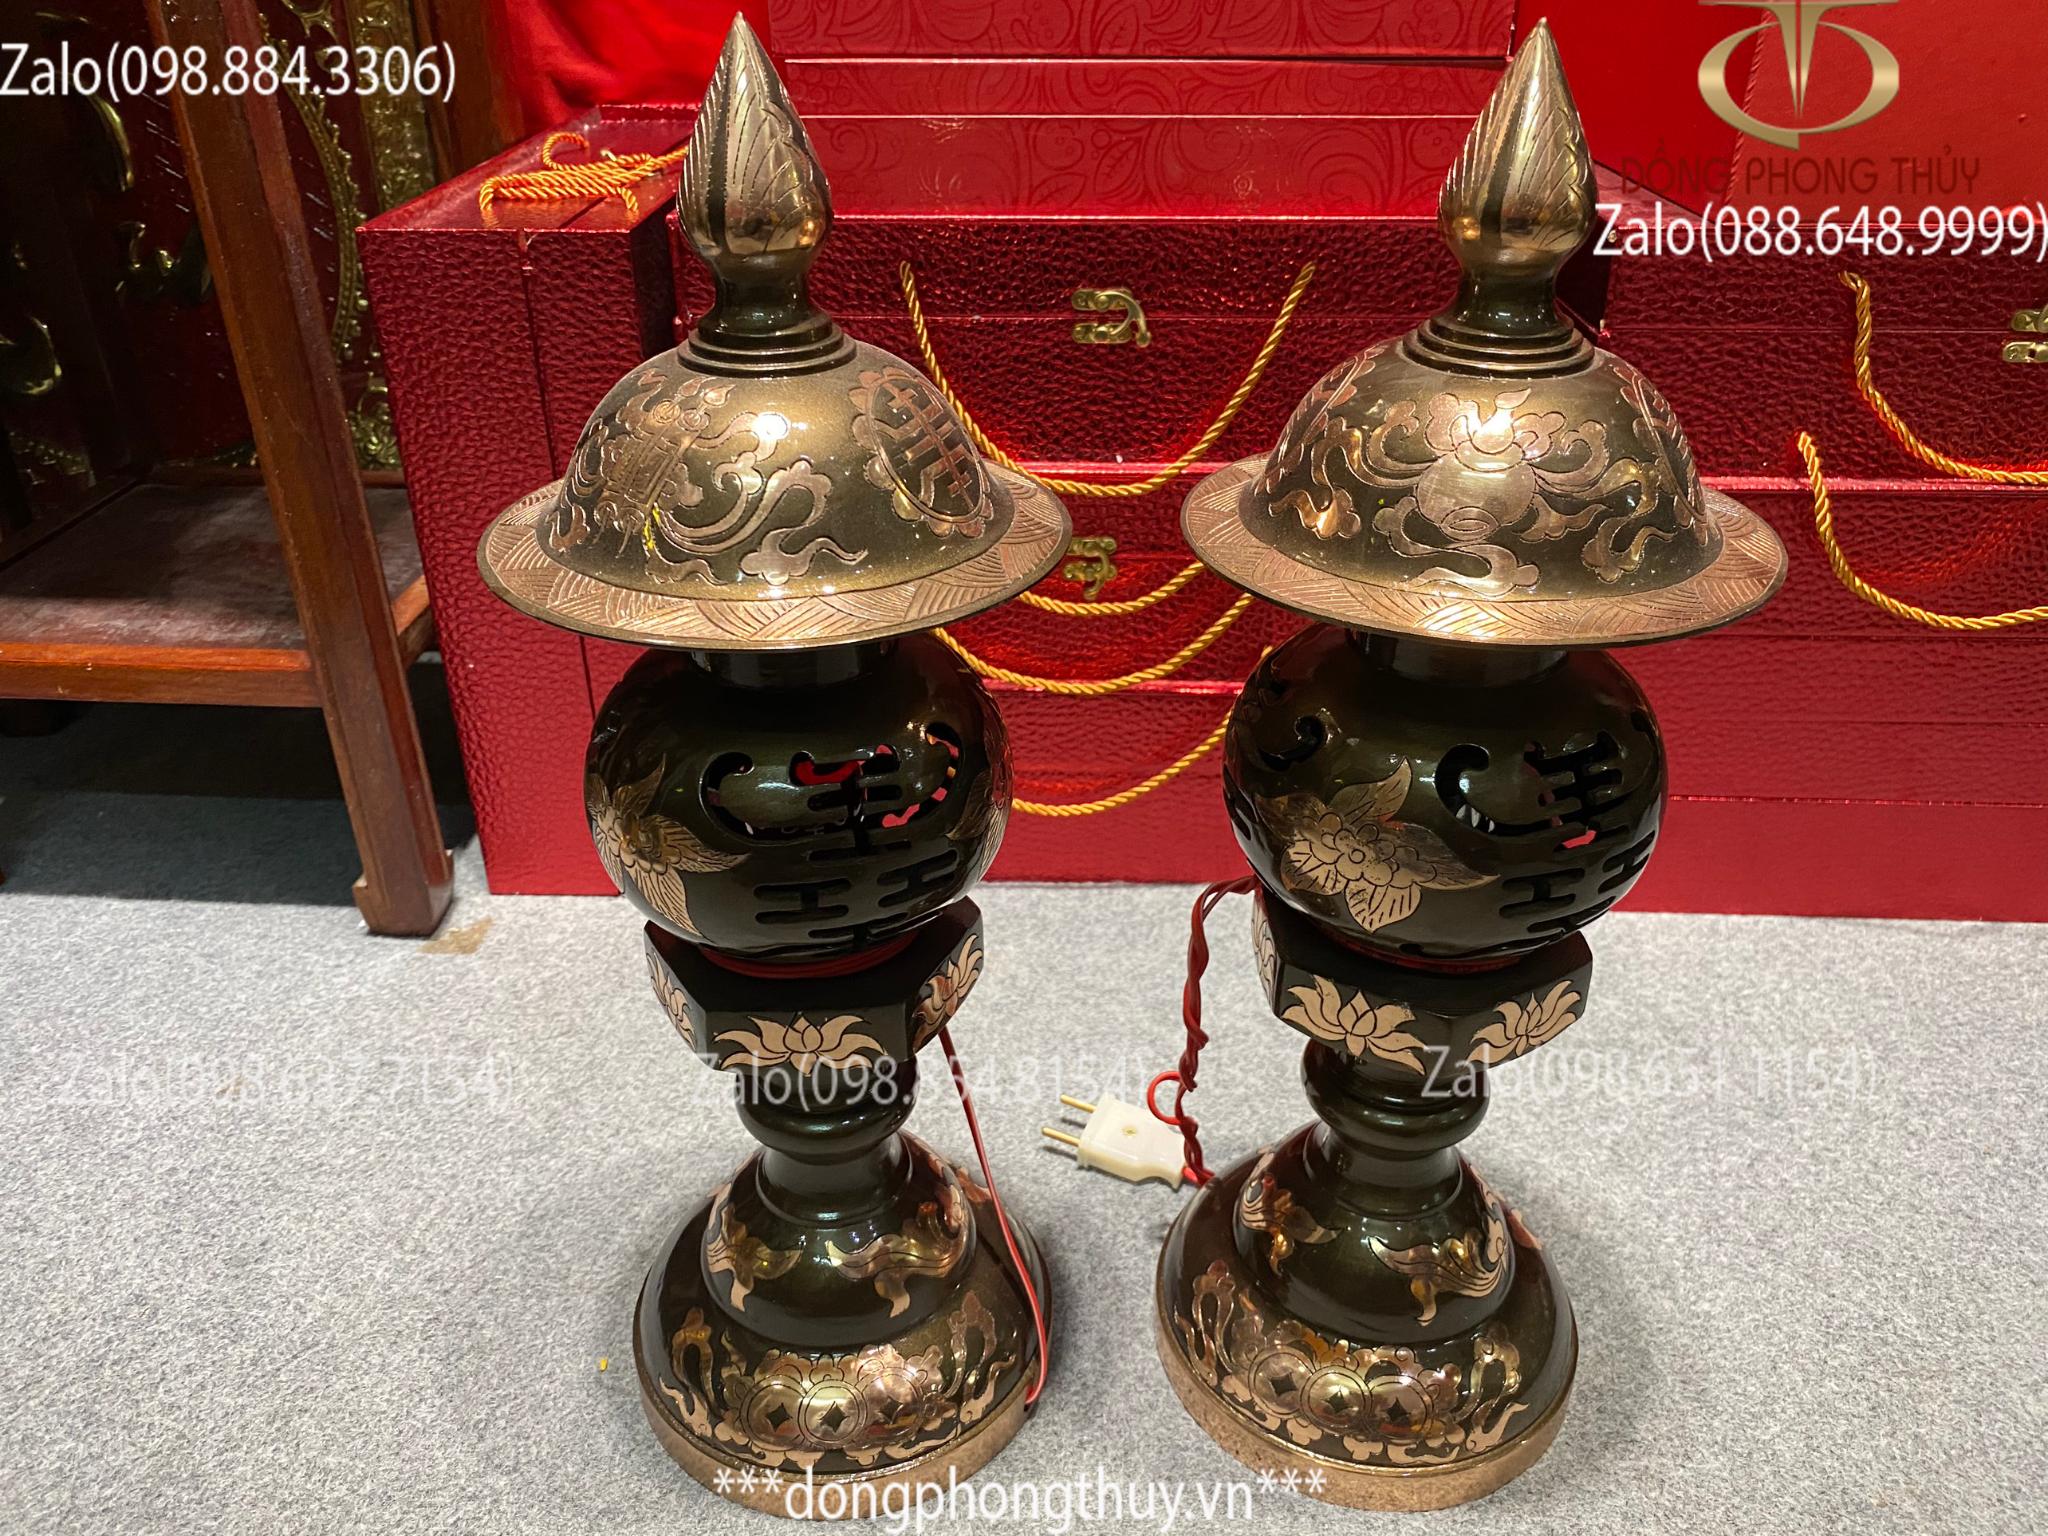 Đèn thờ bằng đồng đèn thờ cao cấp đèn thờ đồng đèn thờ cúng bộ đèn thờ